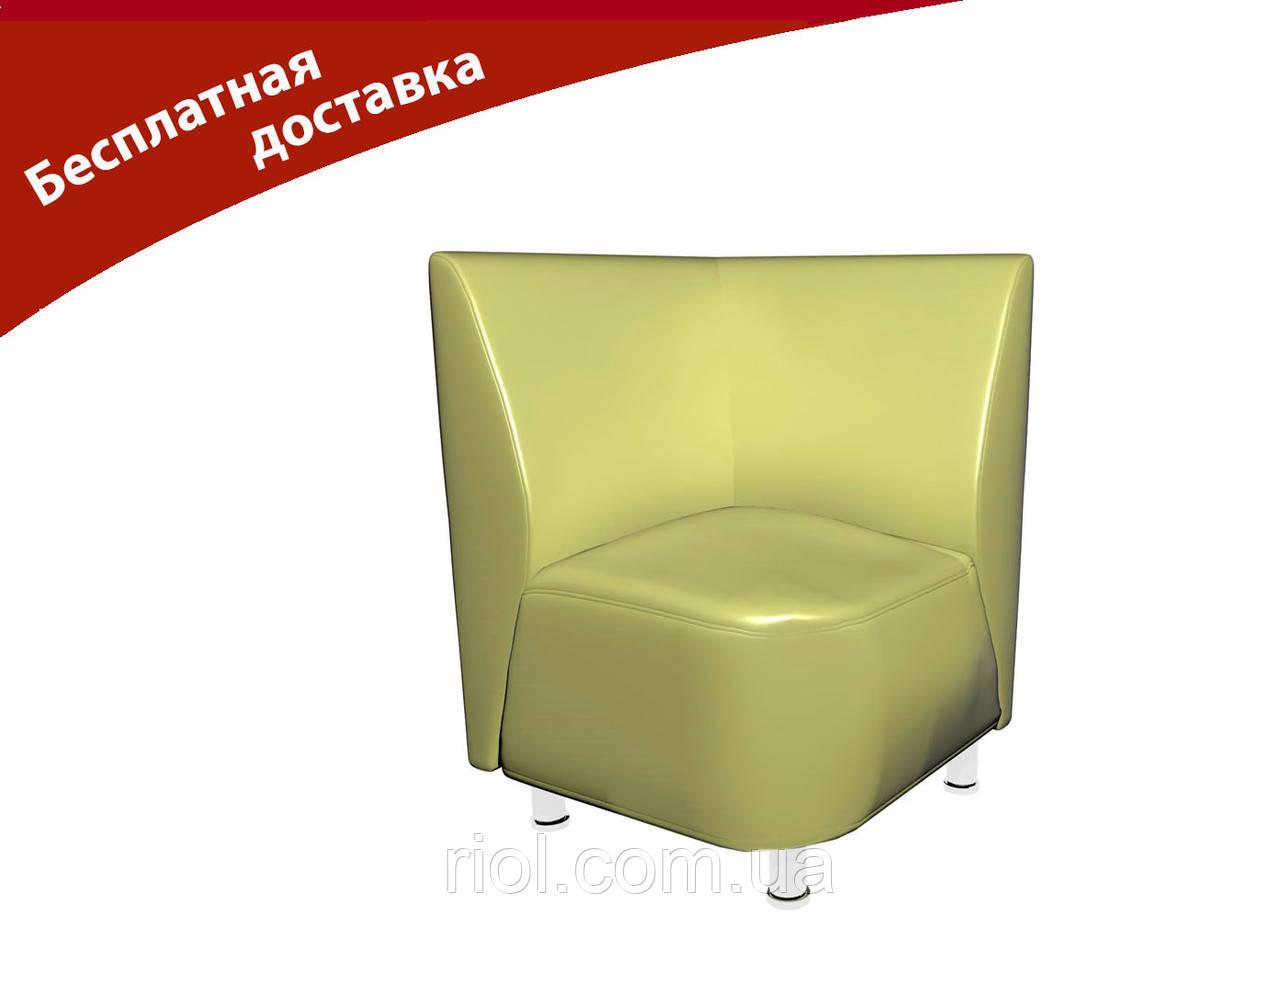 Кресло-угол светло-зеленый